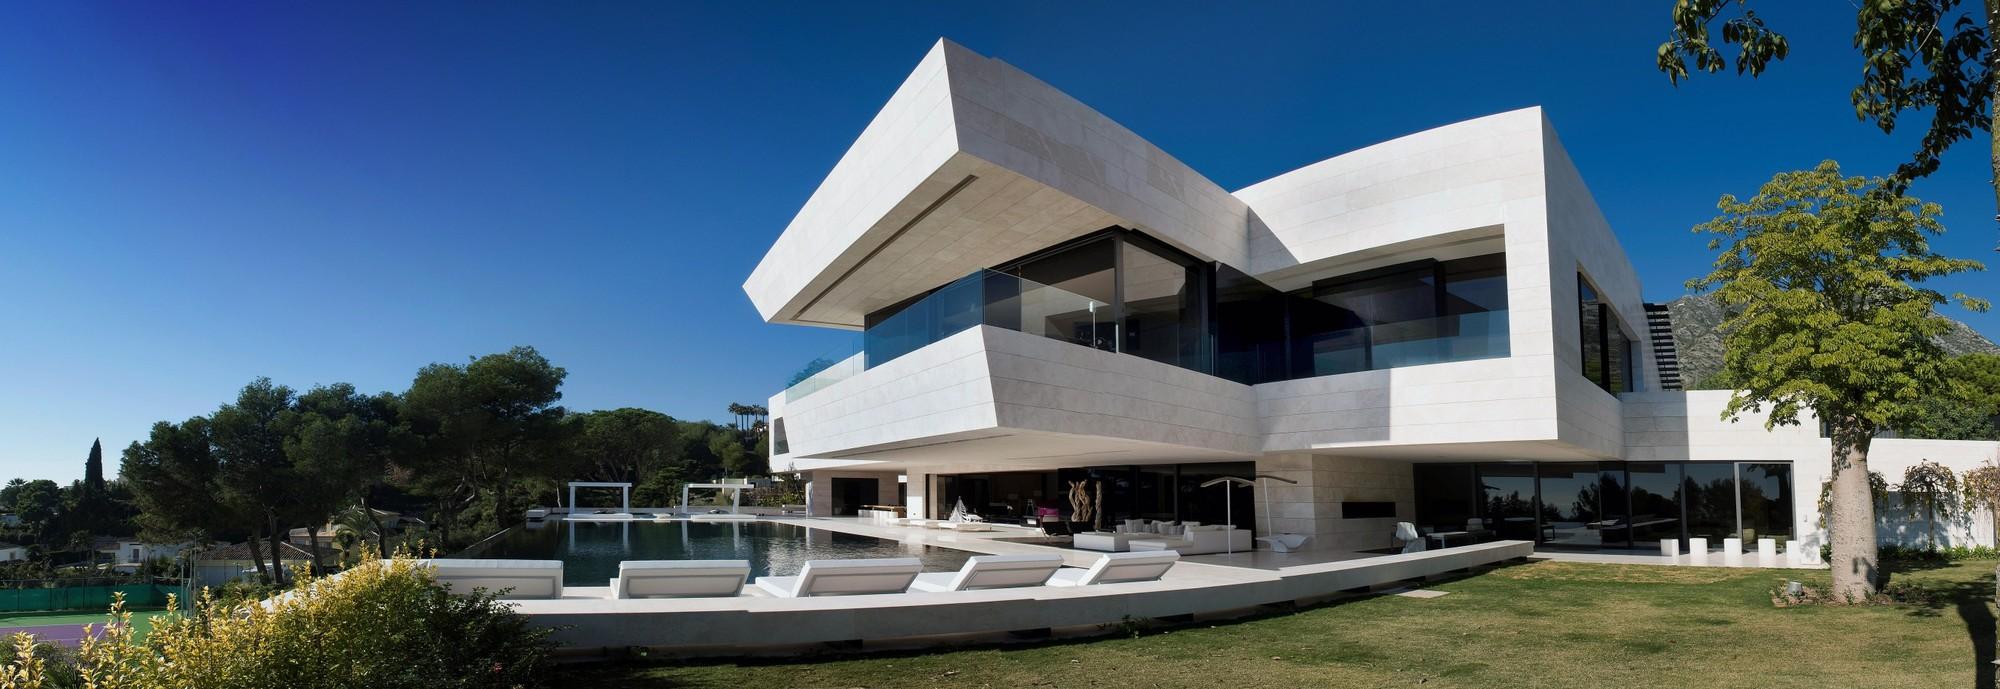 Vivienda unifamiliar en marbella a cero plataforma - Arquitectos en marbella ...